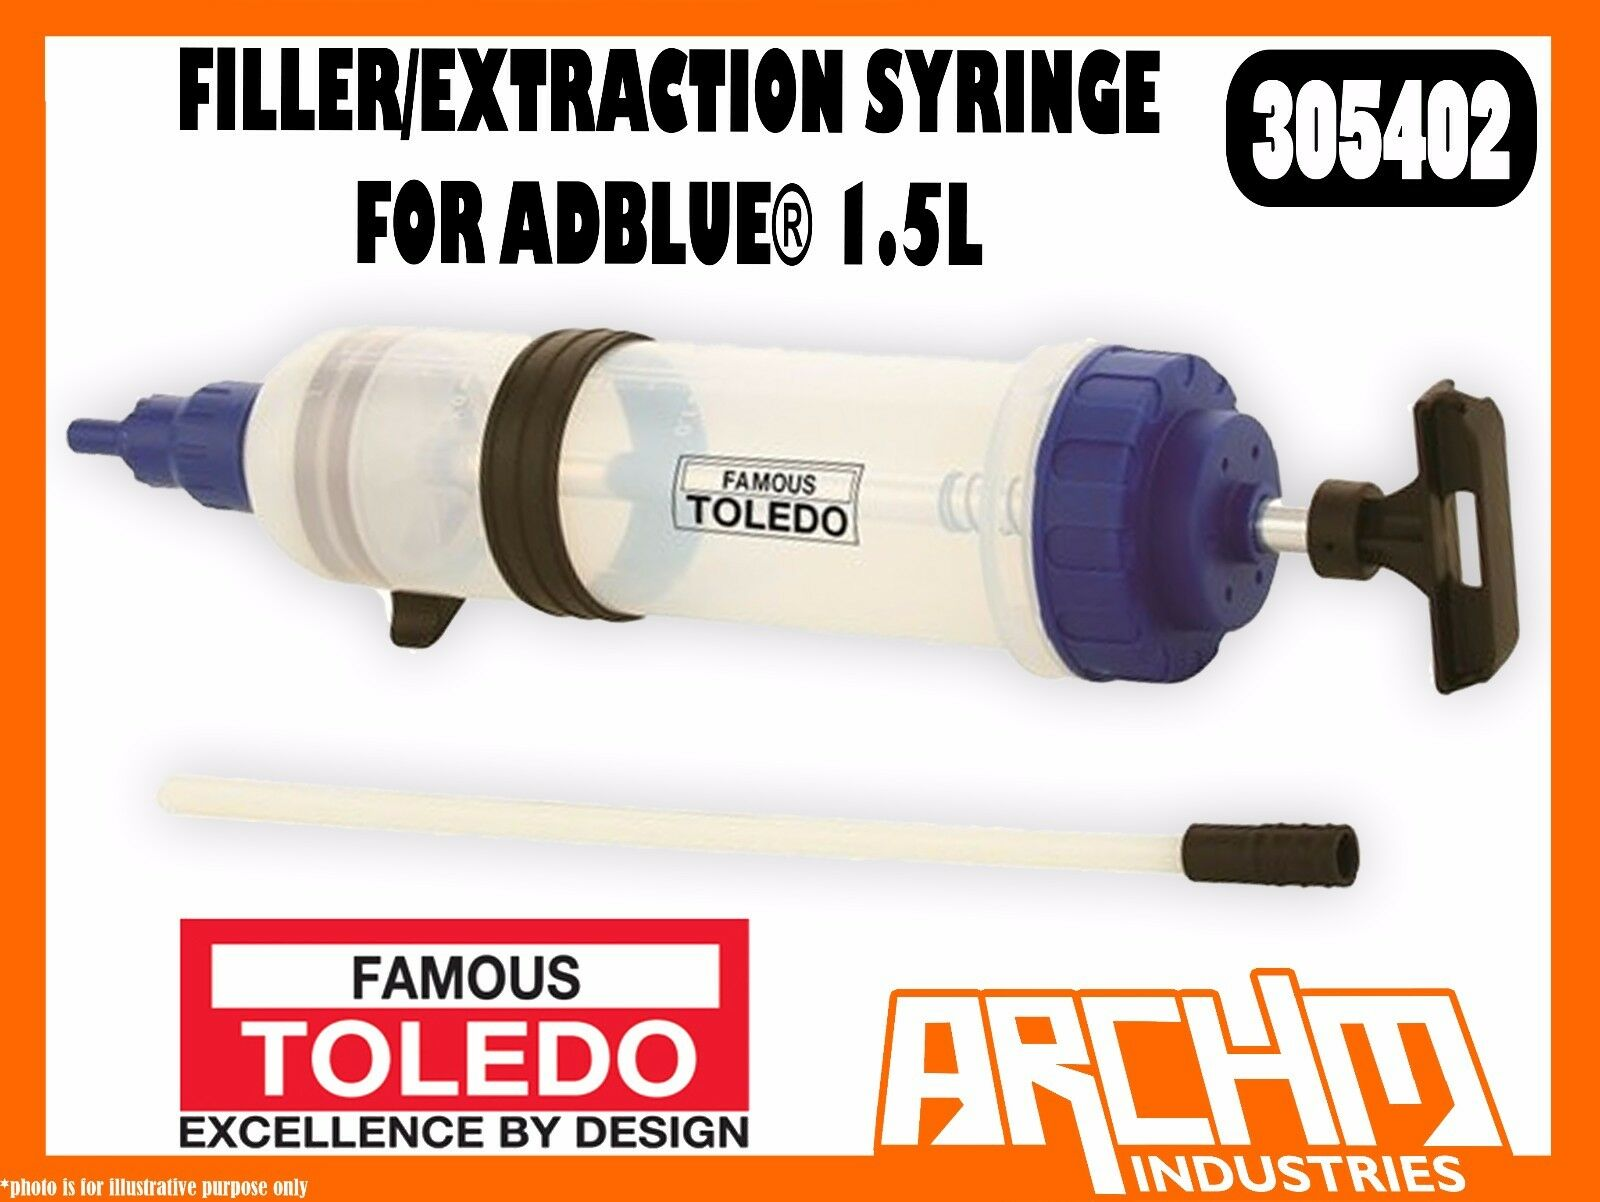 TOLEDO 305402 - FILLER EXTRACTION SYRINGE FOR ADBlau® 1.5L - FLUIDS MARKINGS